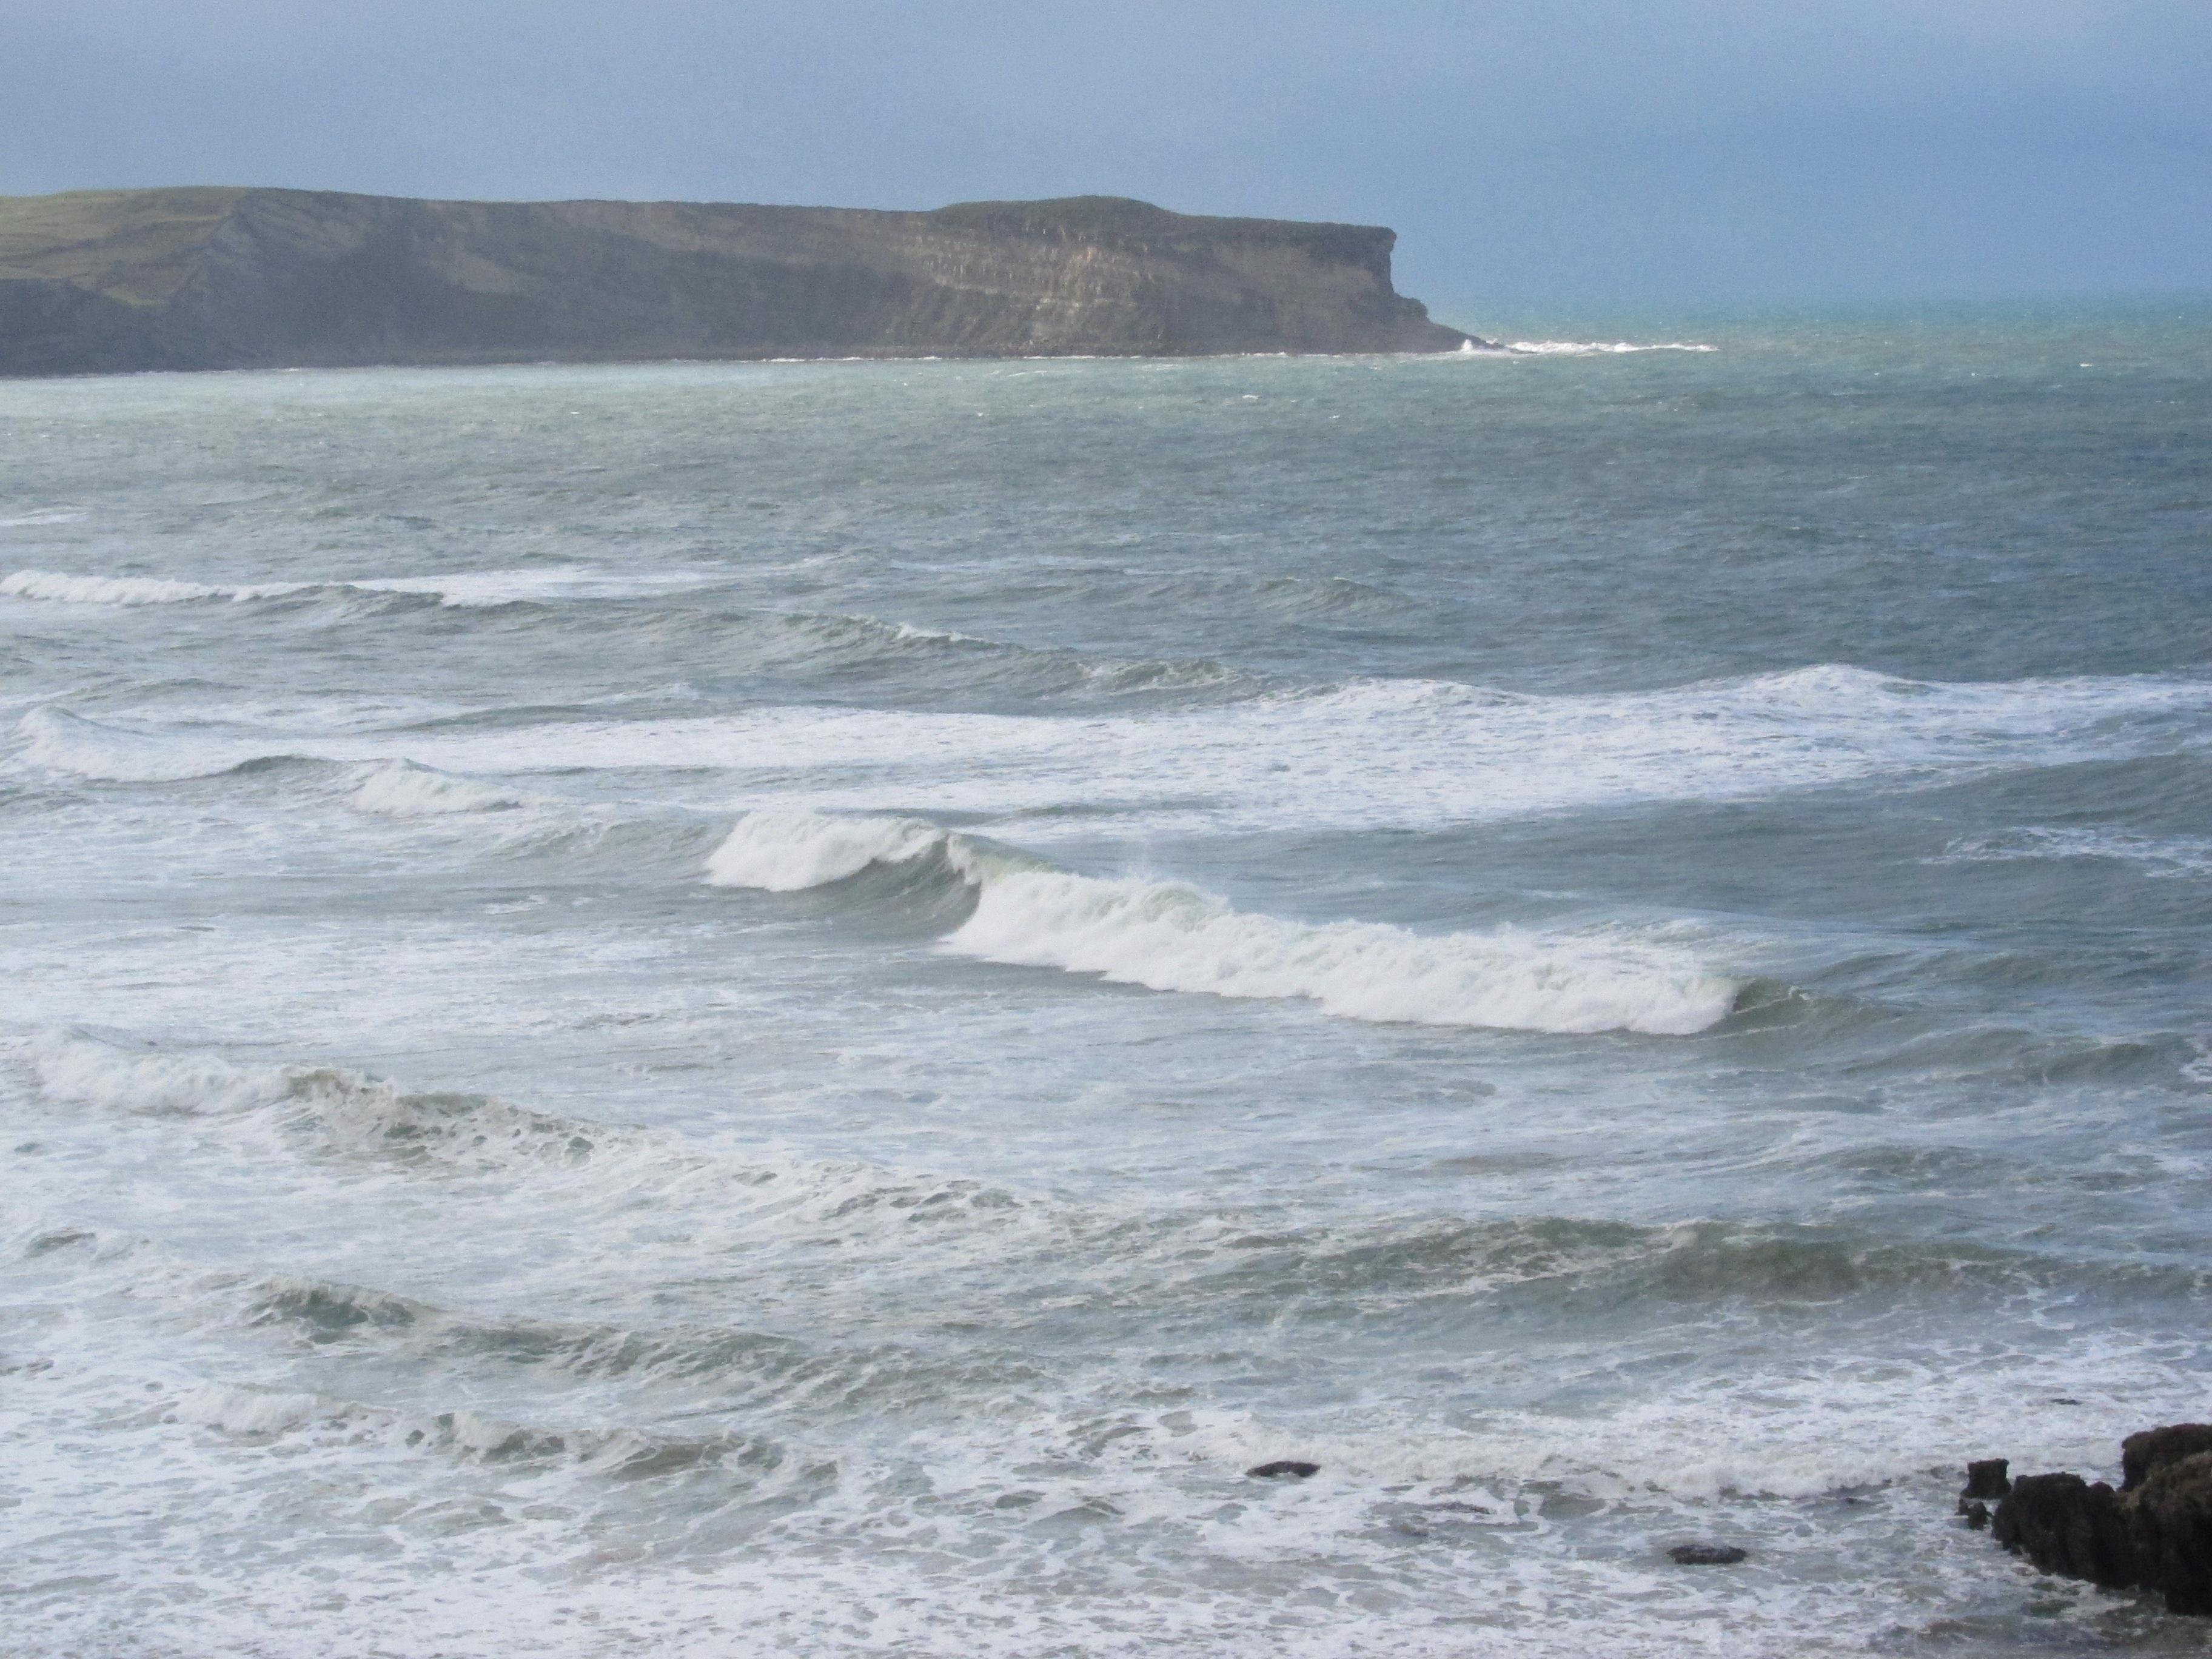 Cantabria estará en alerta naranja en Navidad por fenómenos costeros adversos en todo el litoral